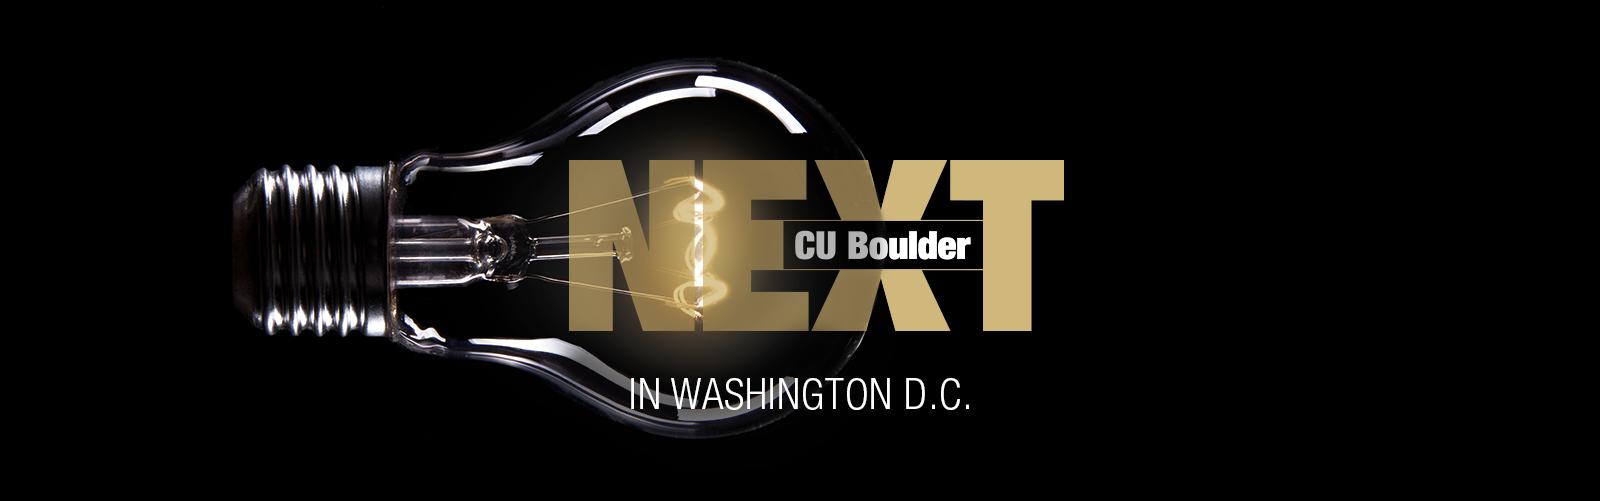 CU Boulder Next in Washington DC